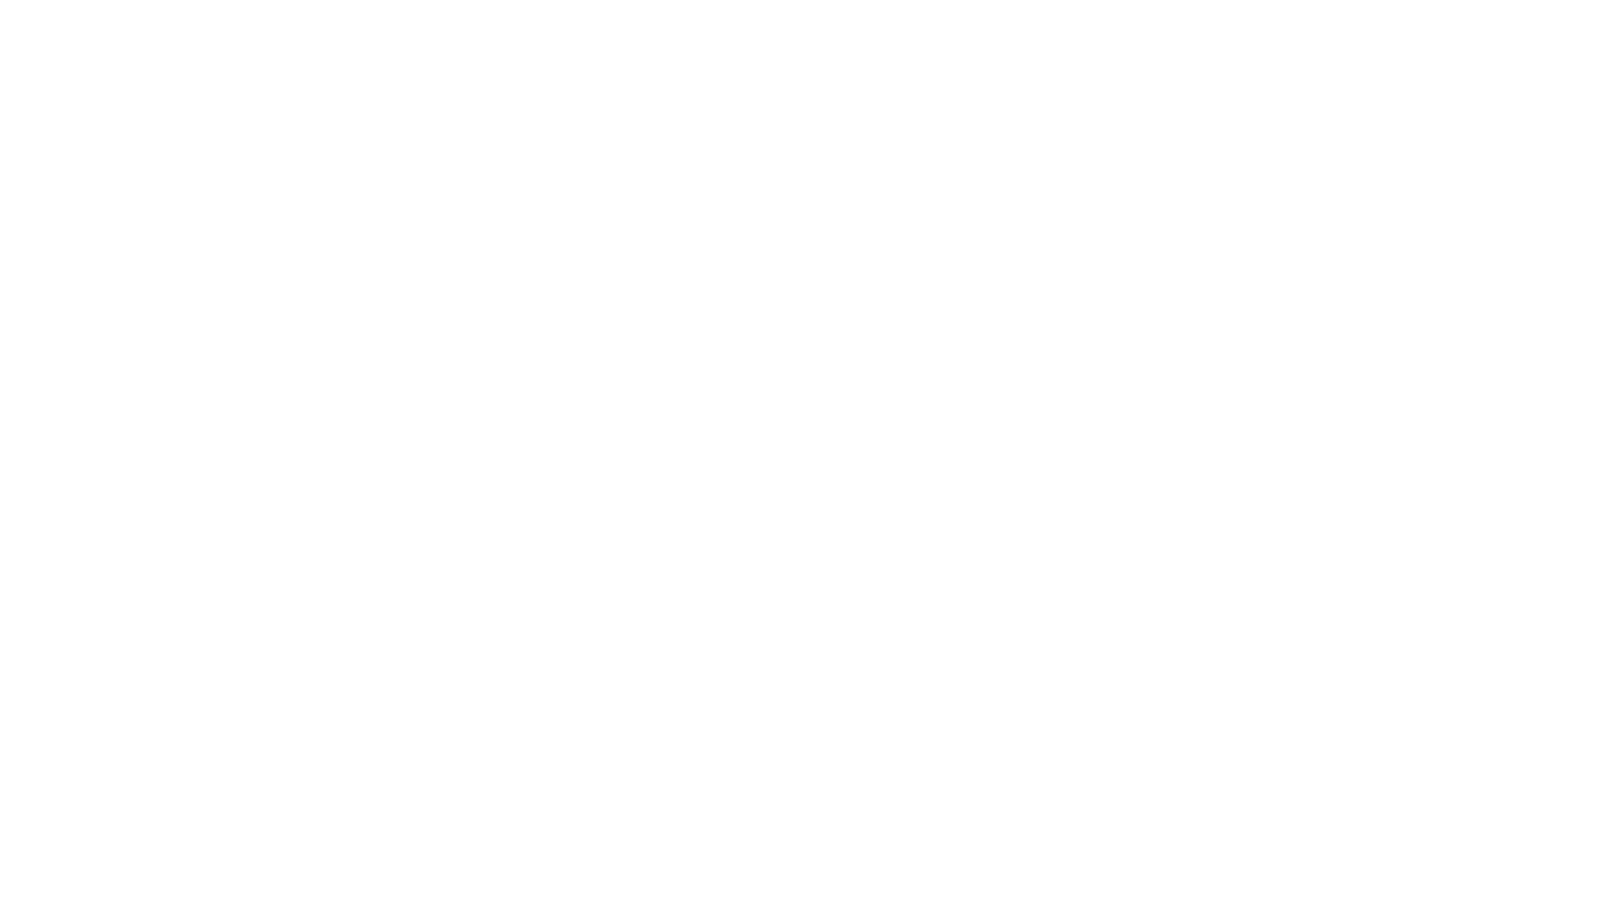 Celebrante Don Paolo Bicciato Santa Maddalena di Canossa Titolo: Vergine Nascita: 1 marzo 1774, Verona Morte: 10 aprile 1835, Verona Ricorrenza: 10 aprile Tipologia: Commemorazione  Maddalena nacque a Verona il l° marzo 1774 da nobile e ricca famiglia, terzogenita di sei fratelli. La sua vita fu subito segnata da tristi episodi, come la morte del padre, le seconde nozze della madre, la malattia e l'incomprensione, ma il Signore la guida verso strade imprevedibili che Maddalena tenta con fatica di percorrere.  Attratta dall'amore di Dio, a 17 anni desidera consacrare la propria vita a Lui e per due volte tenta l'esperienza del Carmelo, ma lo Spirito la sollecita interiormente a percorrere una via nuova: lasciarsi amare da Gesù per essere disponibile totalmente ai fratelli afflitti da varie povertà. Ritorna in famiglia e, costretta nuovamente da avvenimenti dolorosi e da tragiche situazioni storiche di fine Settecento, racchiude nel segreto del cuore la sua chiamata e si inserisce nella vita di palazzo Canossa, accettando l'amministrazione del vasto patrimonio familiare.  Con impegno e dedizione, Maddalena assolve i suoi doveri quotidiani e allarga la cerchia delle sue amicizie, rimanendo aperta all'azione misteriosa dello Spirito che gradualmente plasma il suo cuore e la rende partecipe dell'amore del Padre per l'uomo sull'esempio di Maria, la Vergine Madre Addolorata.  Accesa da questa carità, Maddalena si apre al grido dei poveri affamati di pane, di istruzione, di comprensione, della Parola di Dio. Li scopre nei quartieri periferici di Verona, dove i riflessi della Rivoluzione francese, le alterne dominazioni di Imperatori stranieri, le Pasque veronesi, avevano lasciato segni di evidenti devastazioni e di umane sofferenze.  Nel 1808, superate le ultime resistenze della sua famiglia, Maddalena lascia definitivamente il palazzo Canossa per dare inizio, nel quartiere più povero di Verona, a quella che interiormente riconosce essere la volontà del Signore: servire gli